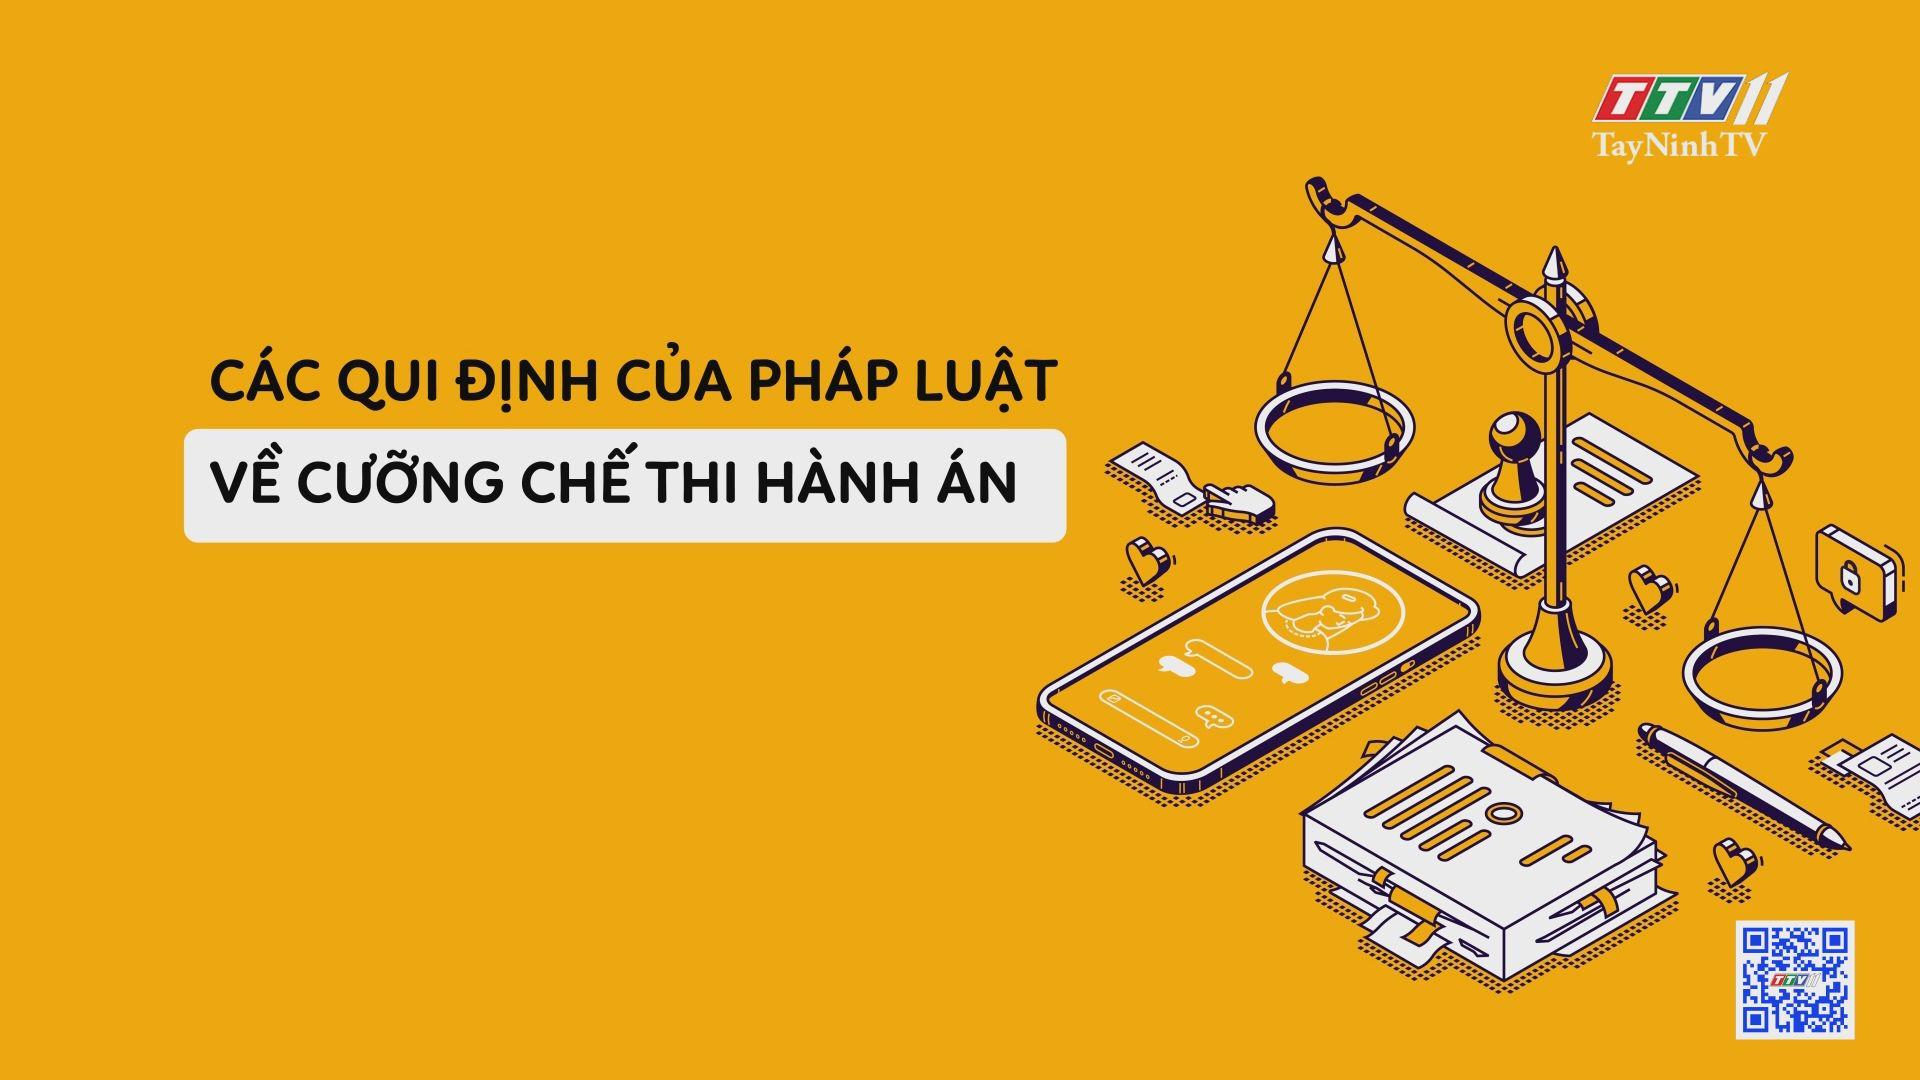 Các qui định của pháp luật về cưỡng chế thi hành án | PHÁP LUẬT VÀ ĐỜI SỐNG | TayNinhTV